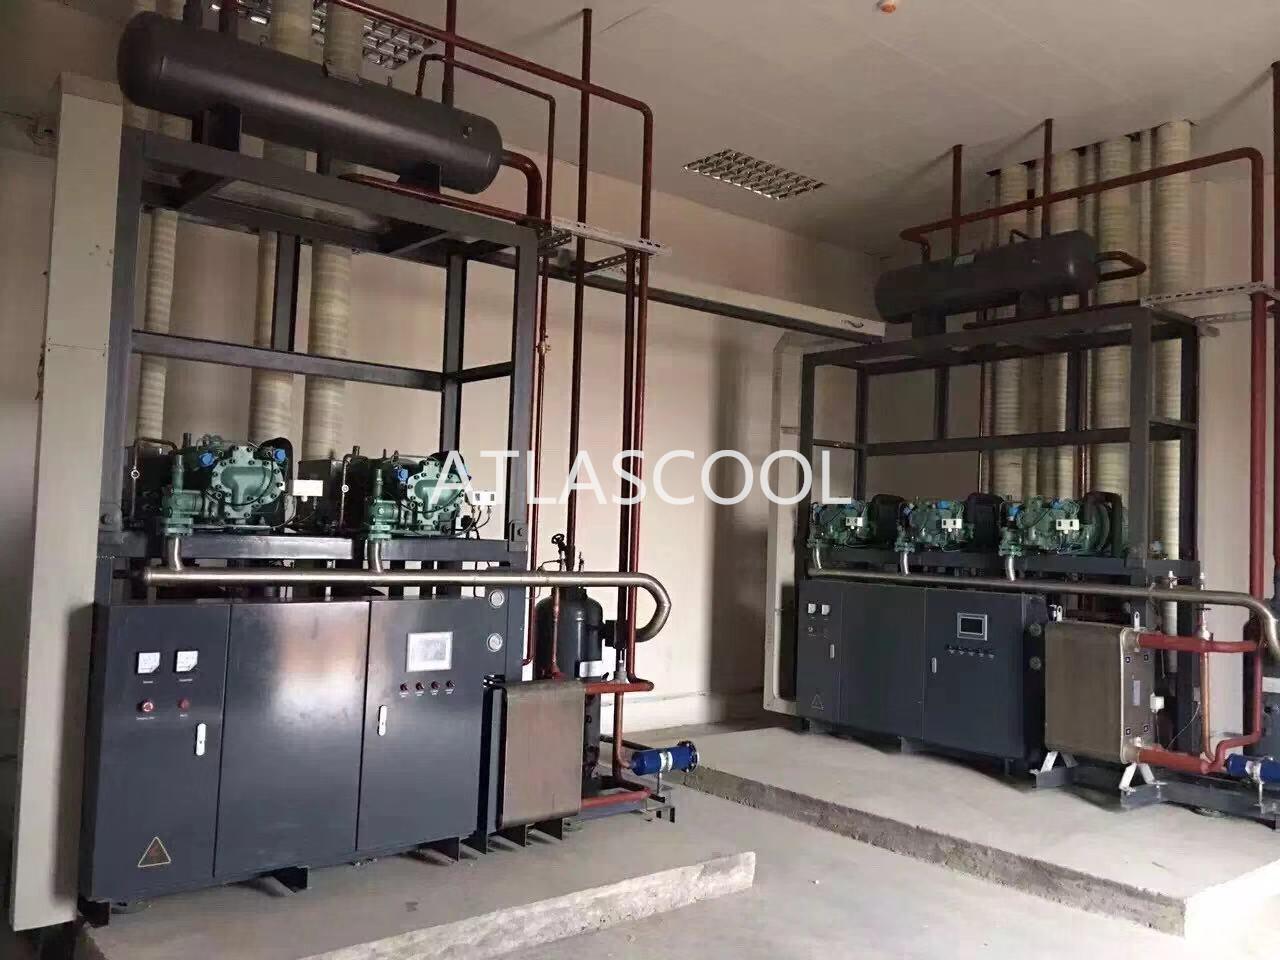 large refrigeration units